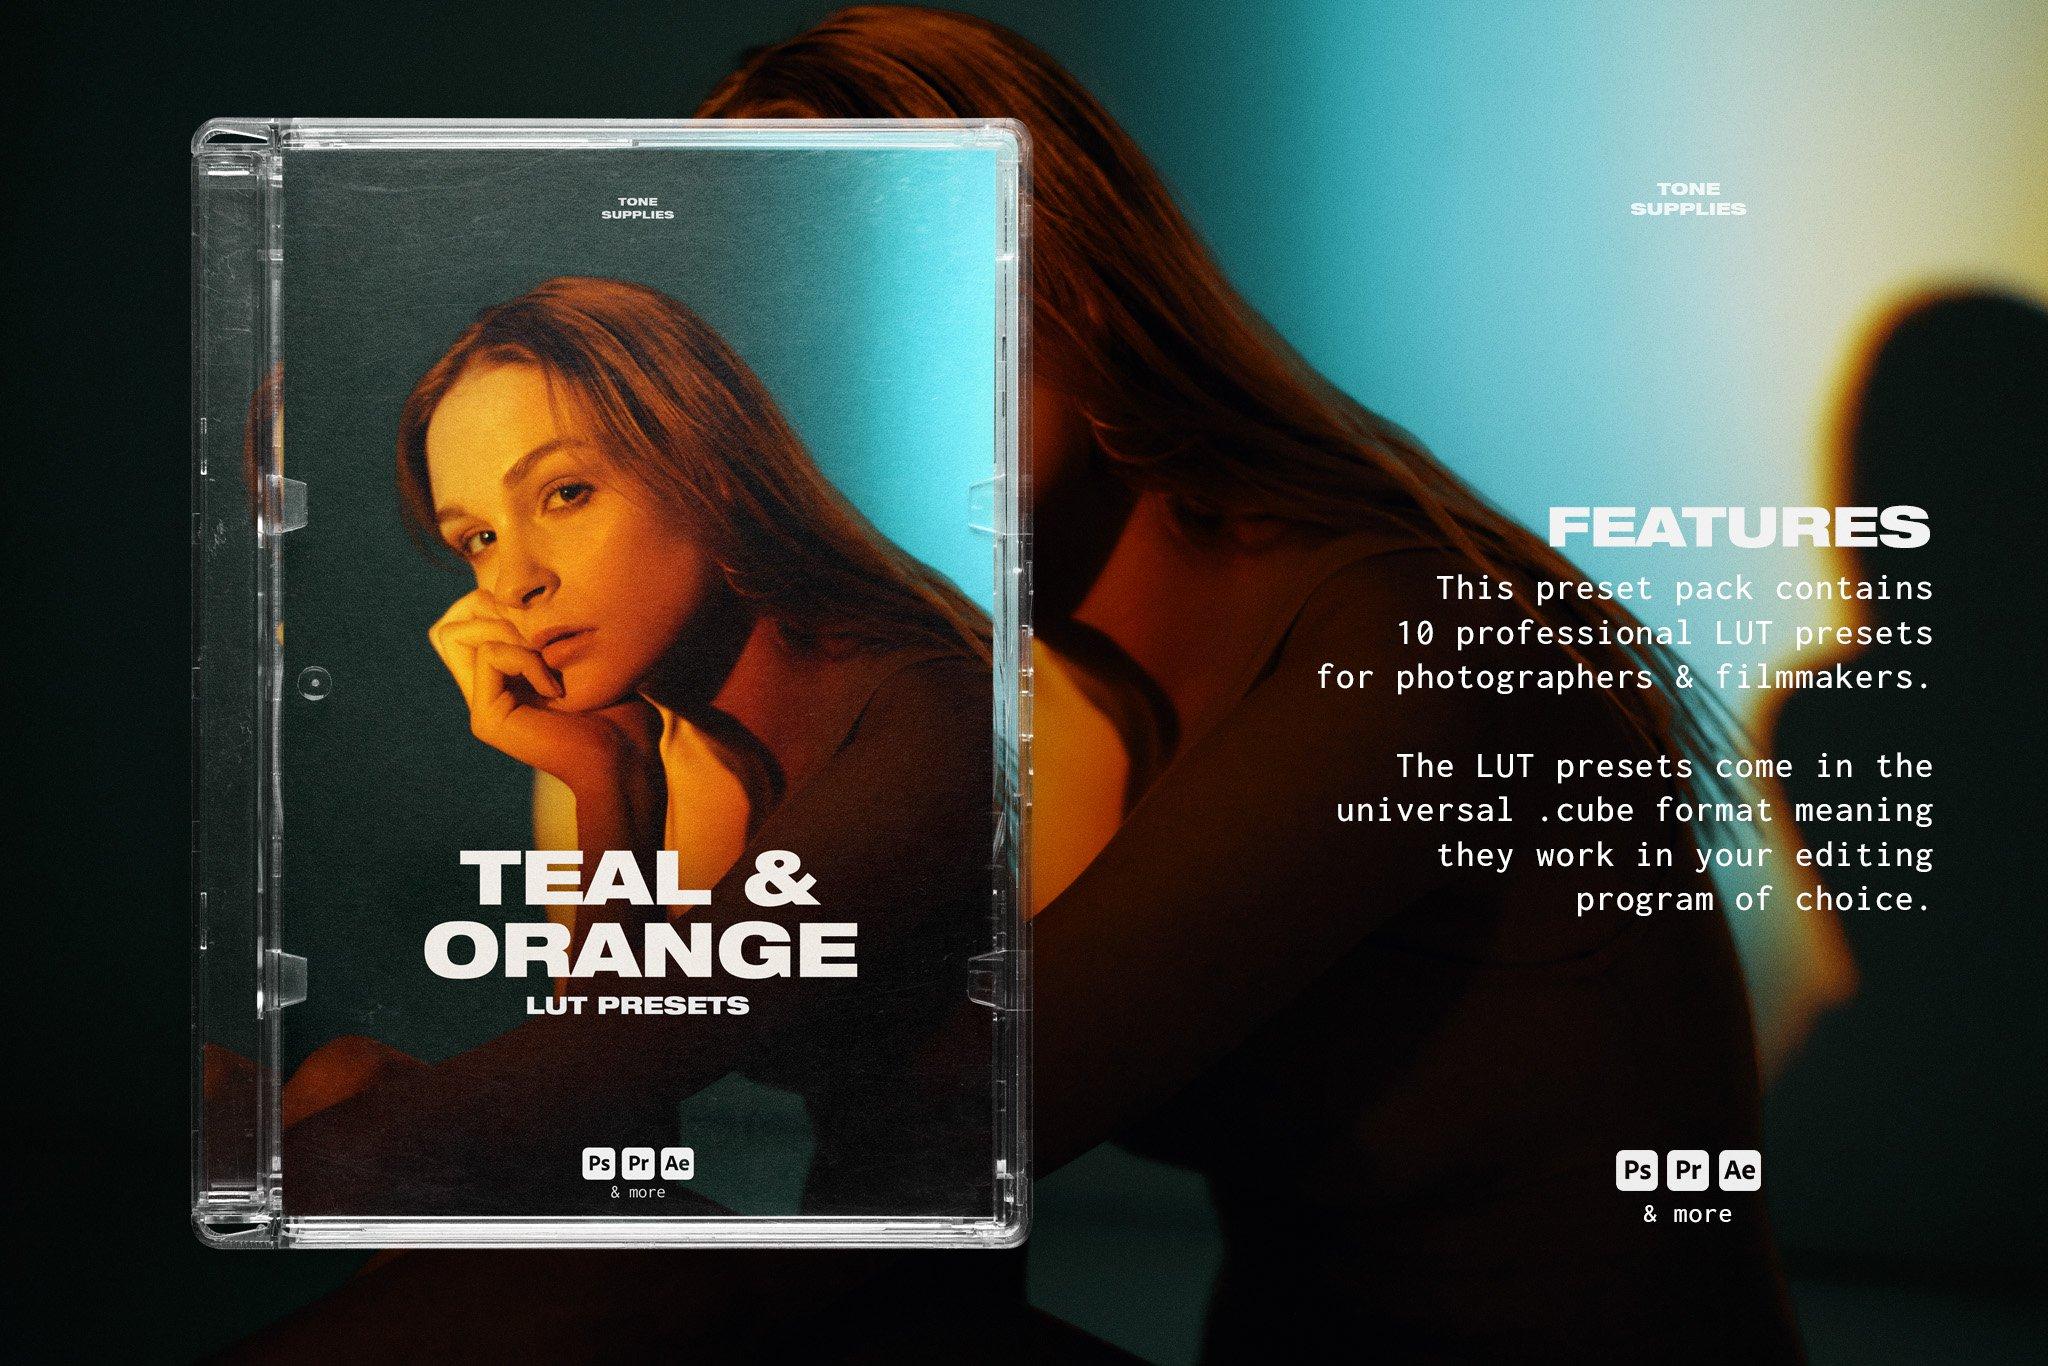 TONE SUPPLIES 10个专业艺术品戏剧性互补色蓝橙色LUT预设(4341)插图(1)